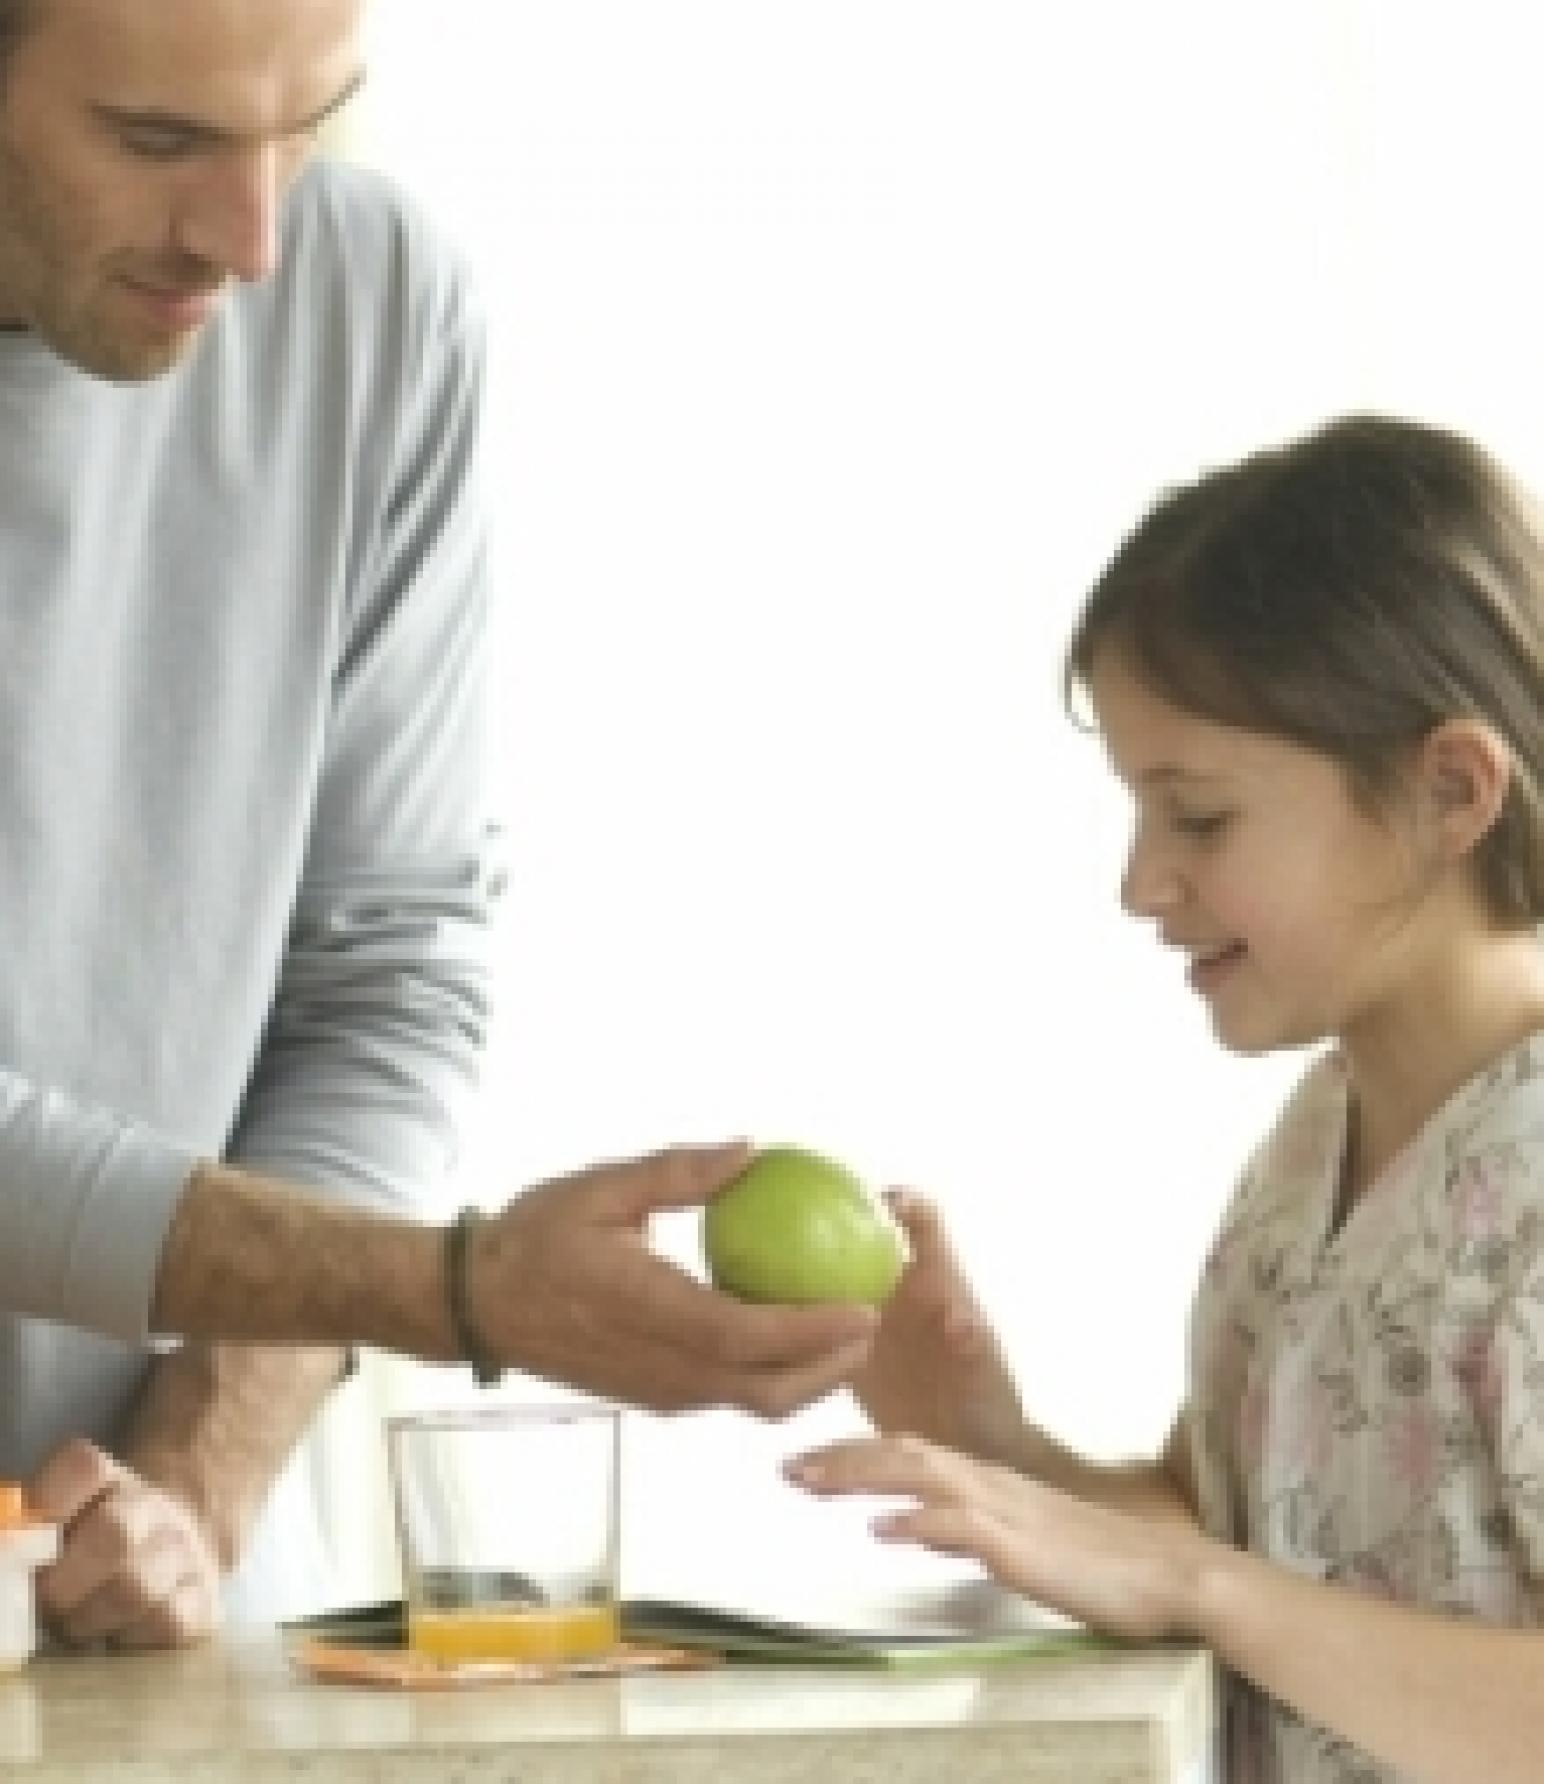 Mann gibt Kind einen Apfel